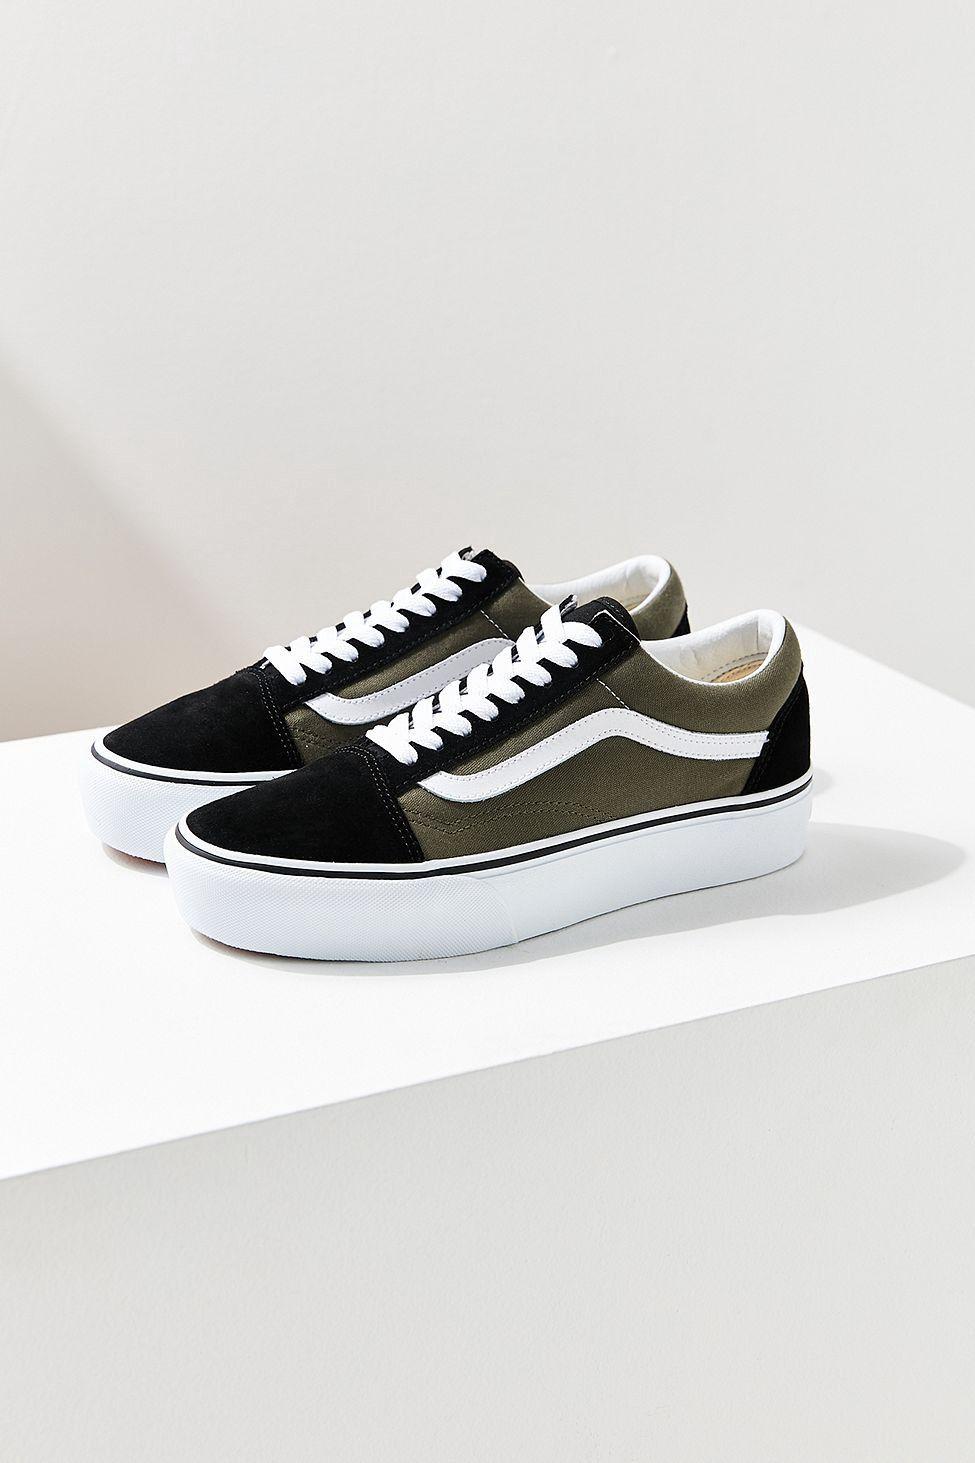 Urban Outfitters Vans Old Skool Platform Sneaker W 10M